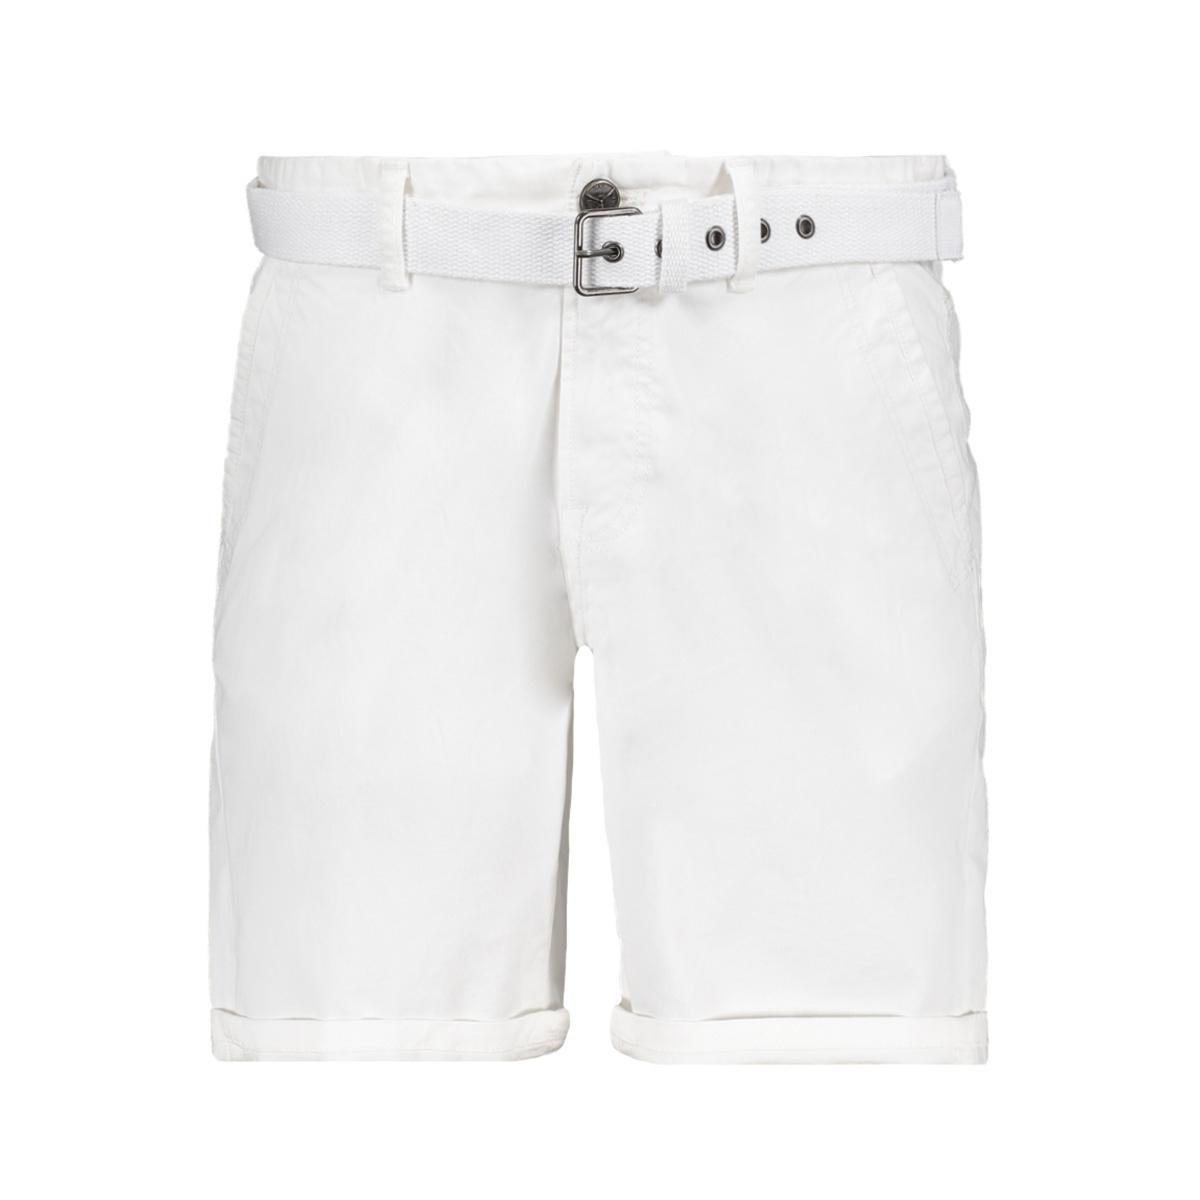 comfort twill chino shorts psh194652 pme legend korte broek 7003